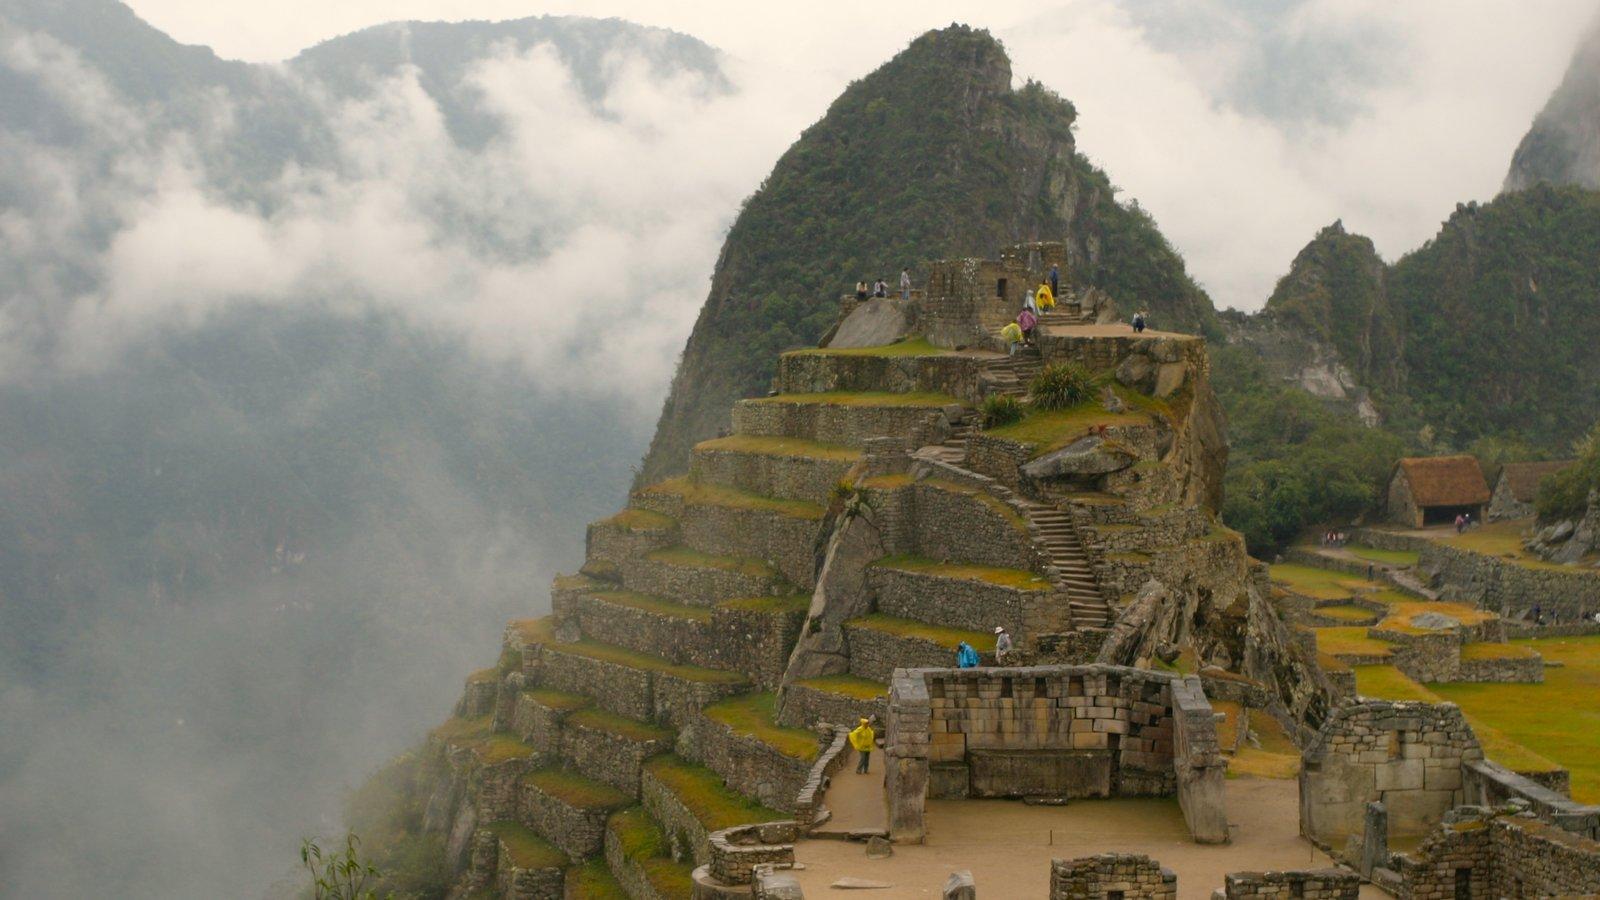 Machu Picchu mostrando neblina, montanhas e ruínas de edifício